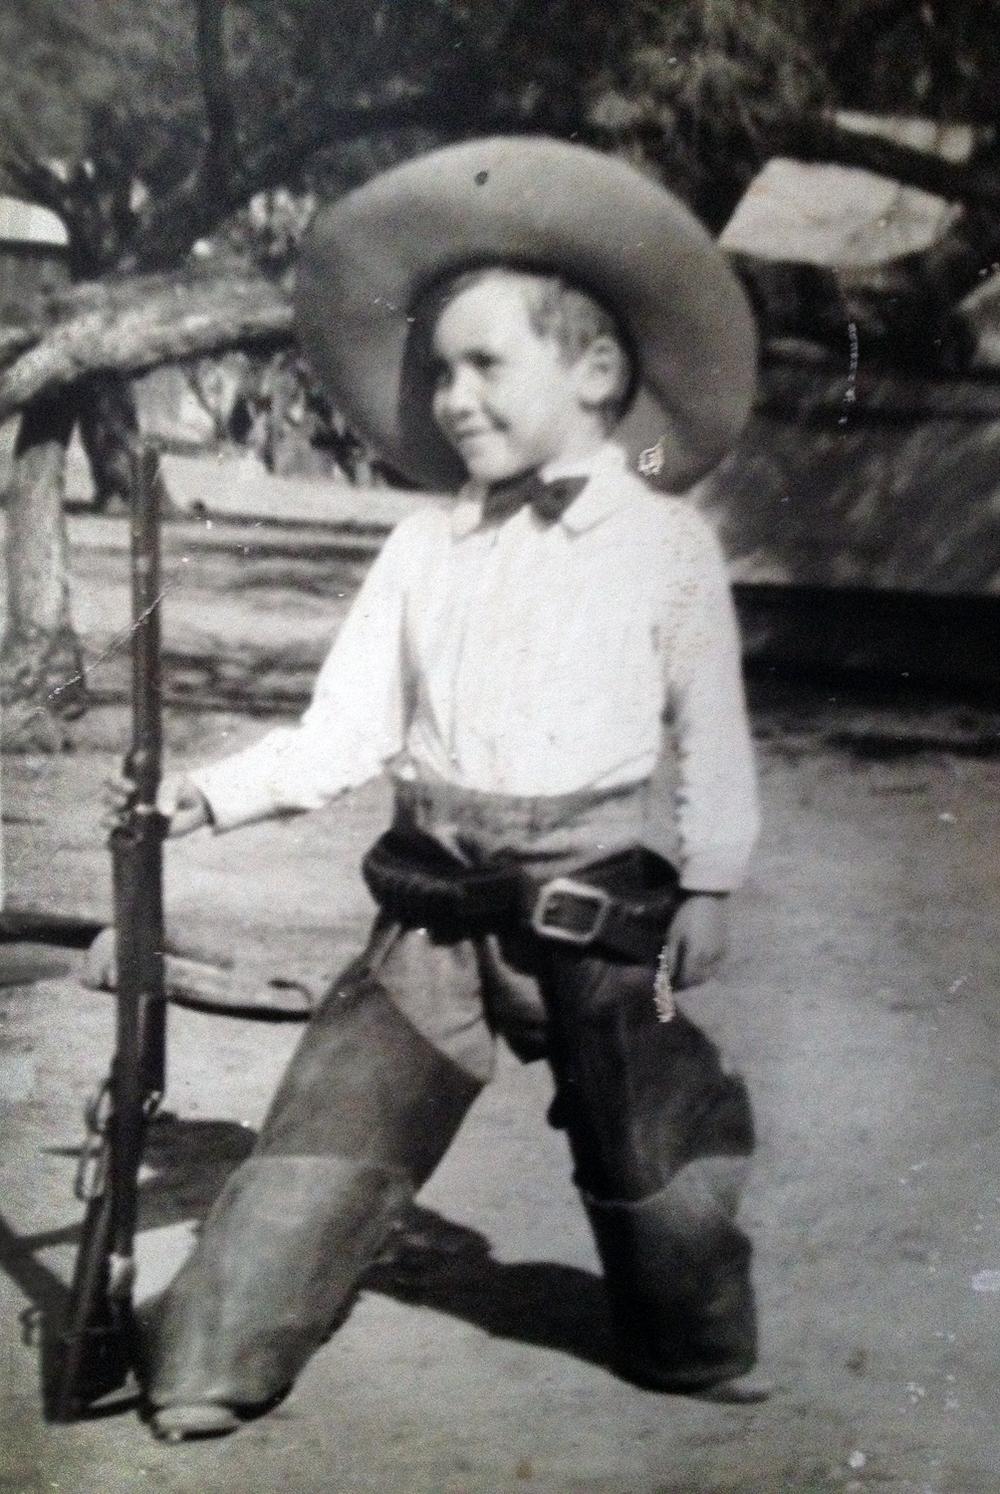 Ray, circa 1930? Ish?